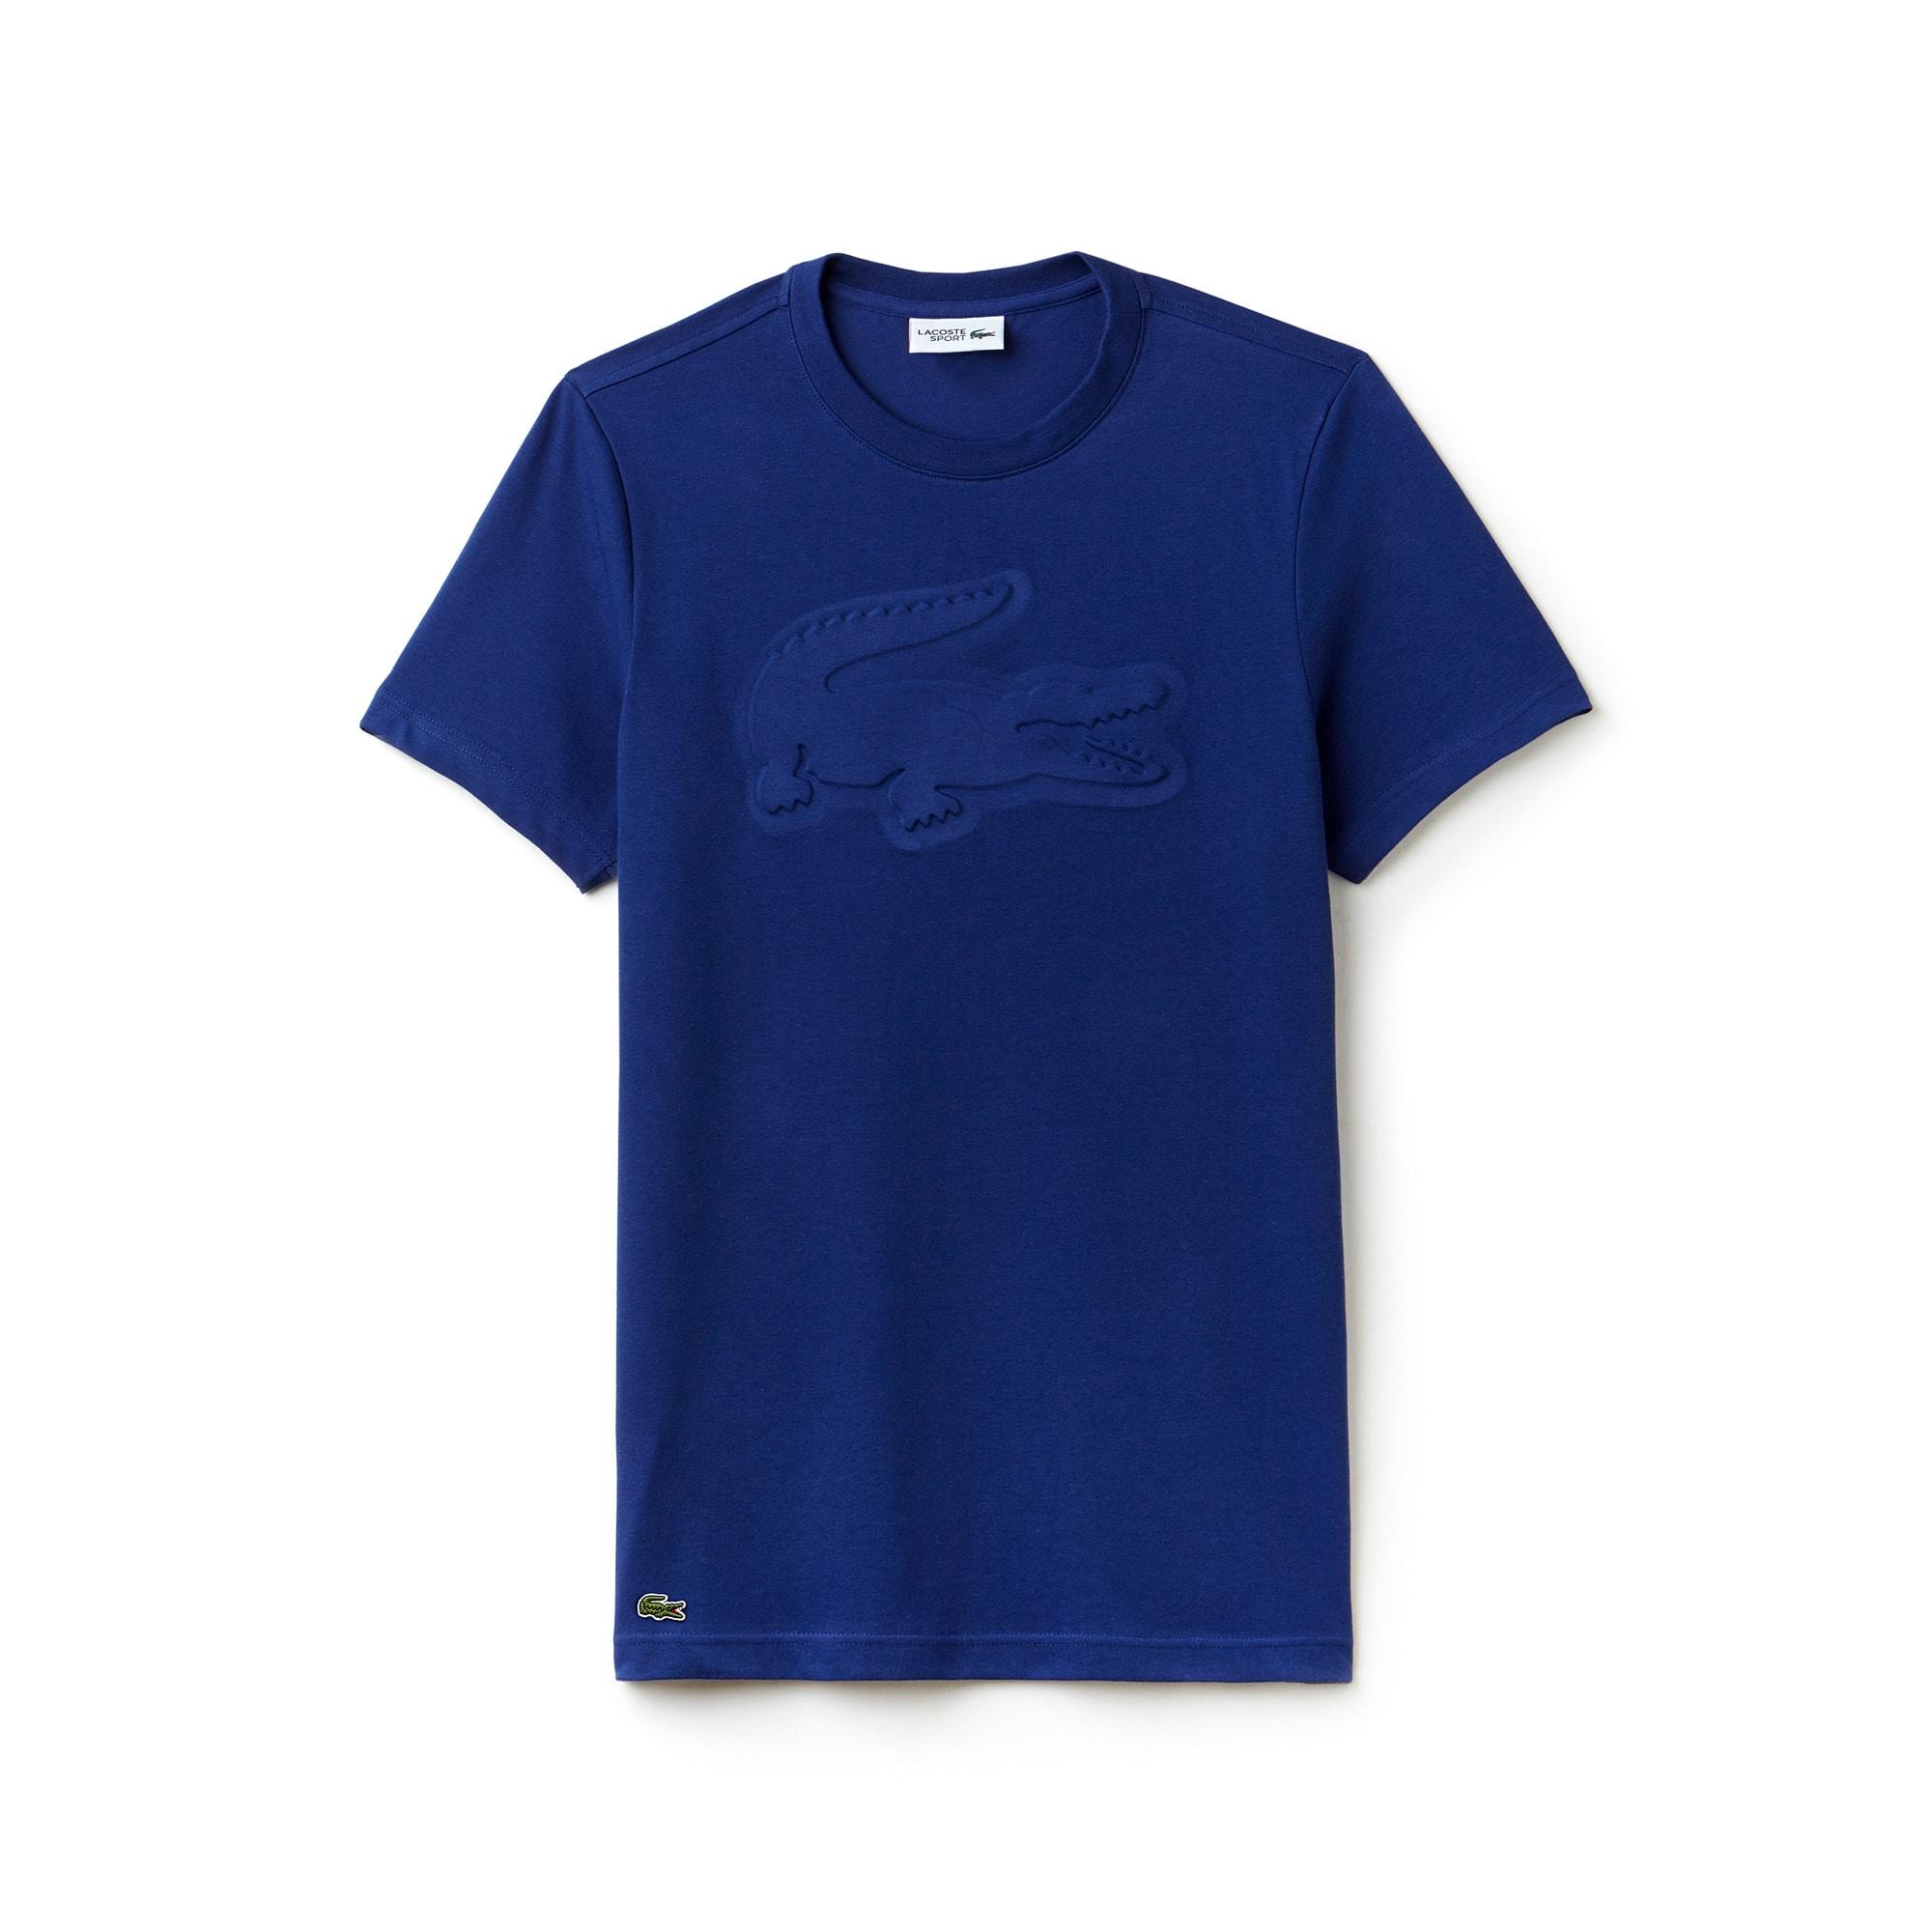 라코스테 스포츠 반팔 티셔츠 Lacoste Mens SPORT Tennis Oversize Croc Technical Jersey T-shirt,VARSITY BLUE